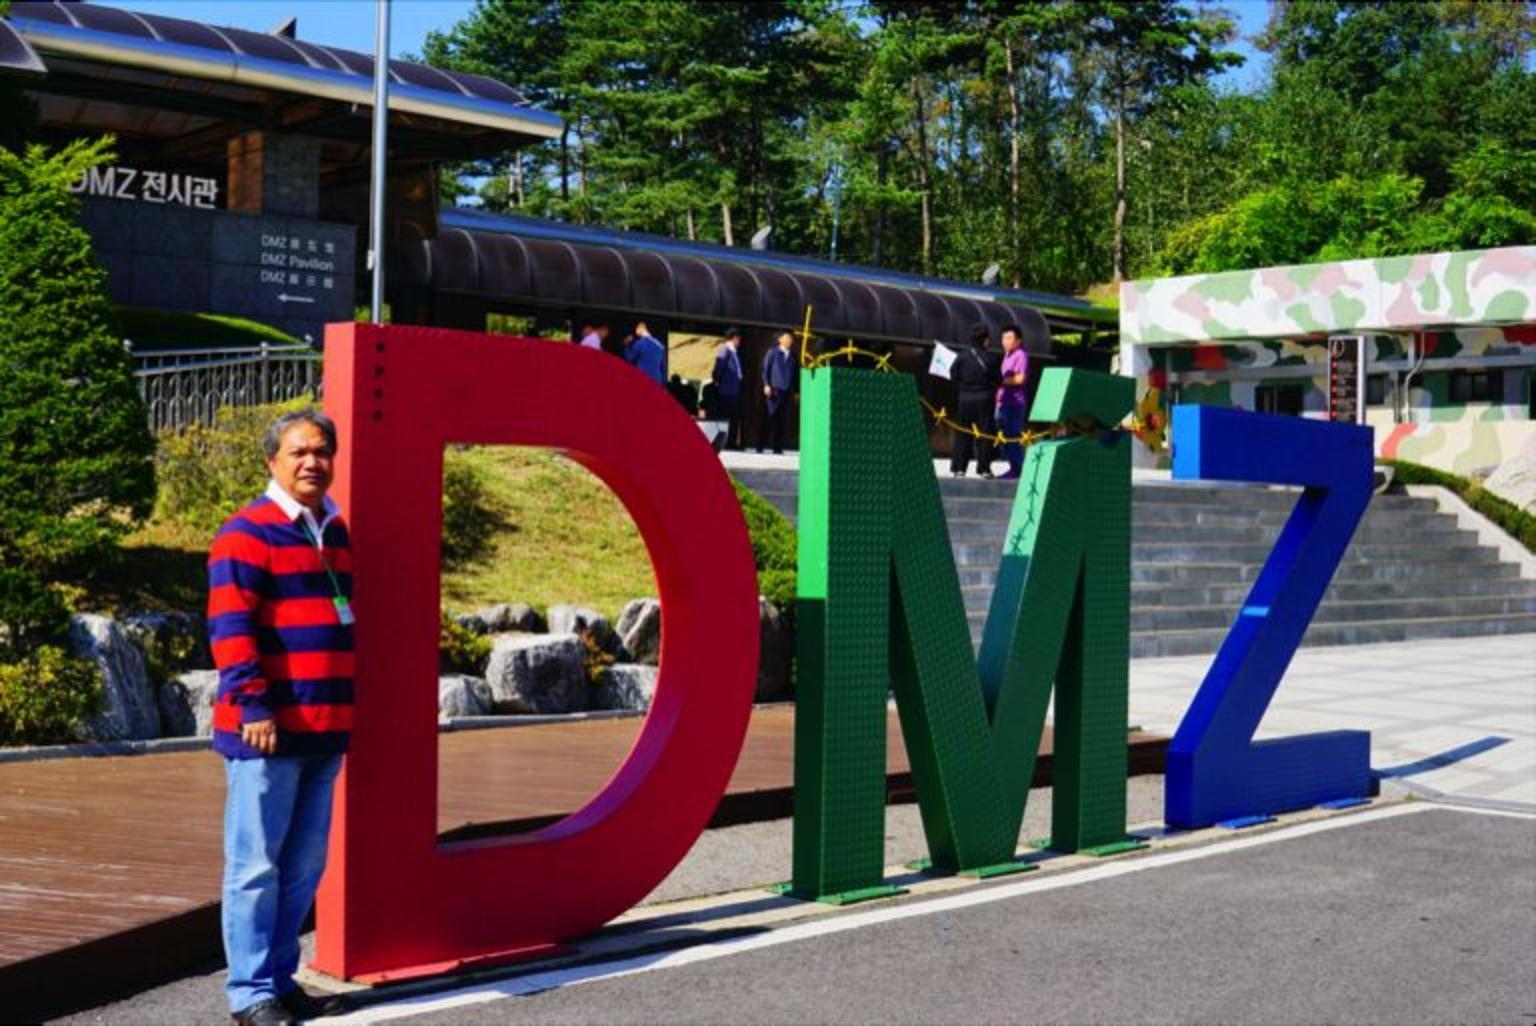 MÁS FOTOS, Recorrido de medio día por la zona desmilitarizada (DMZ) desde Seúl